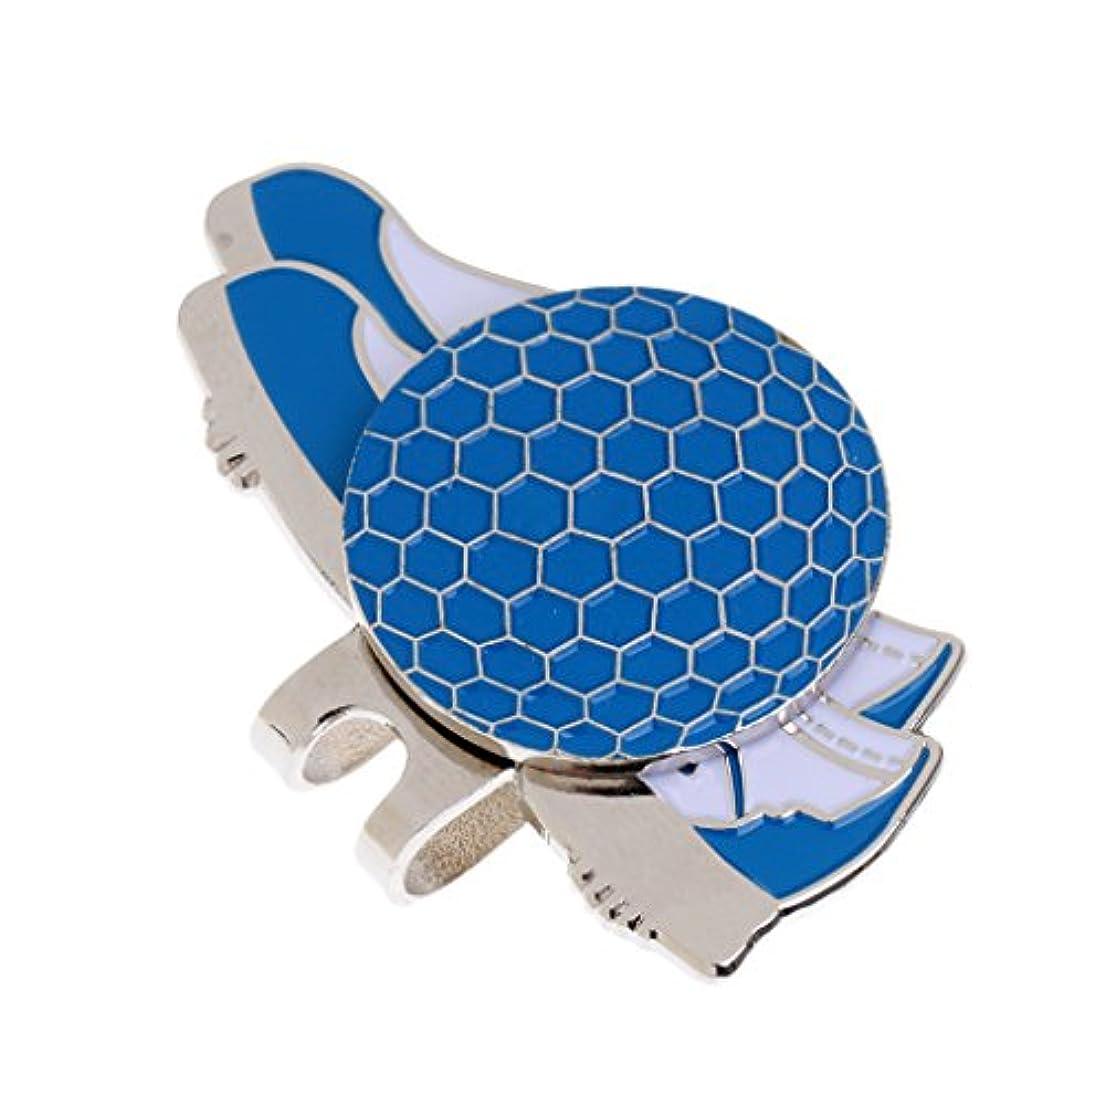 マチュピチュ電気悲しいことにPerfk ステンレス ゴルフ 靴のスタイル ハットクリップ マグネット ボールマーカー グリーンマーカー 4色選べる